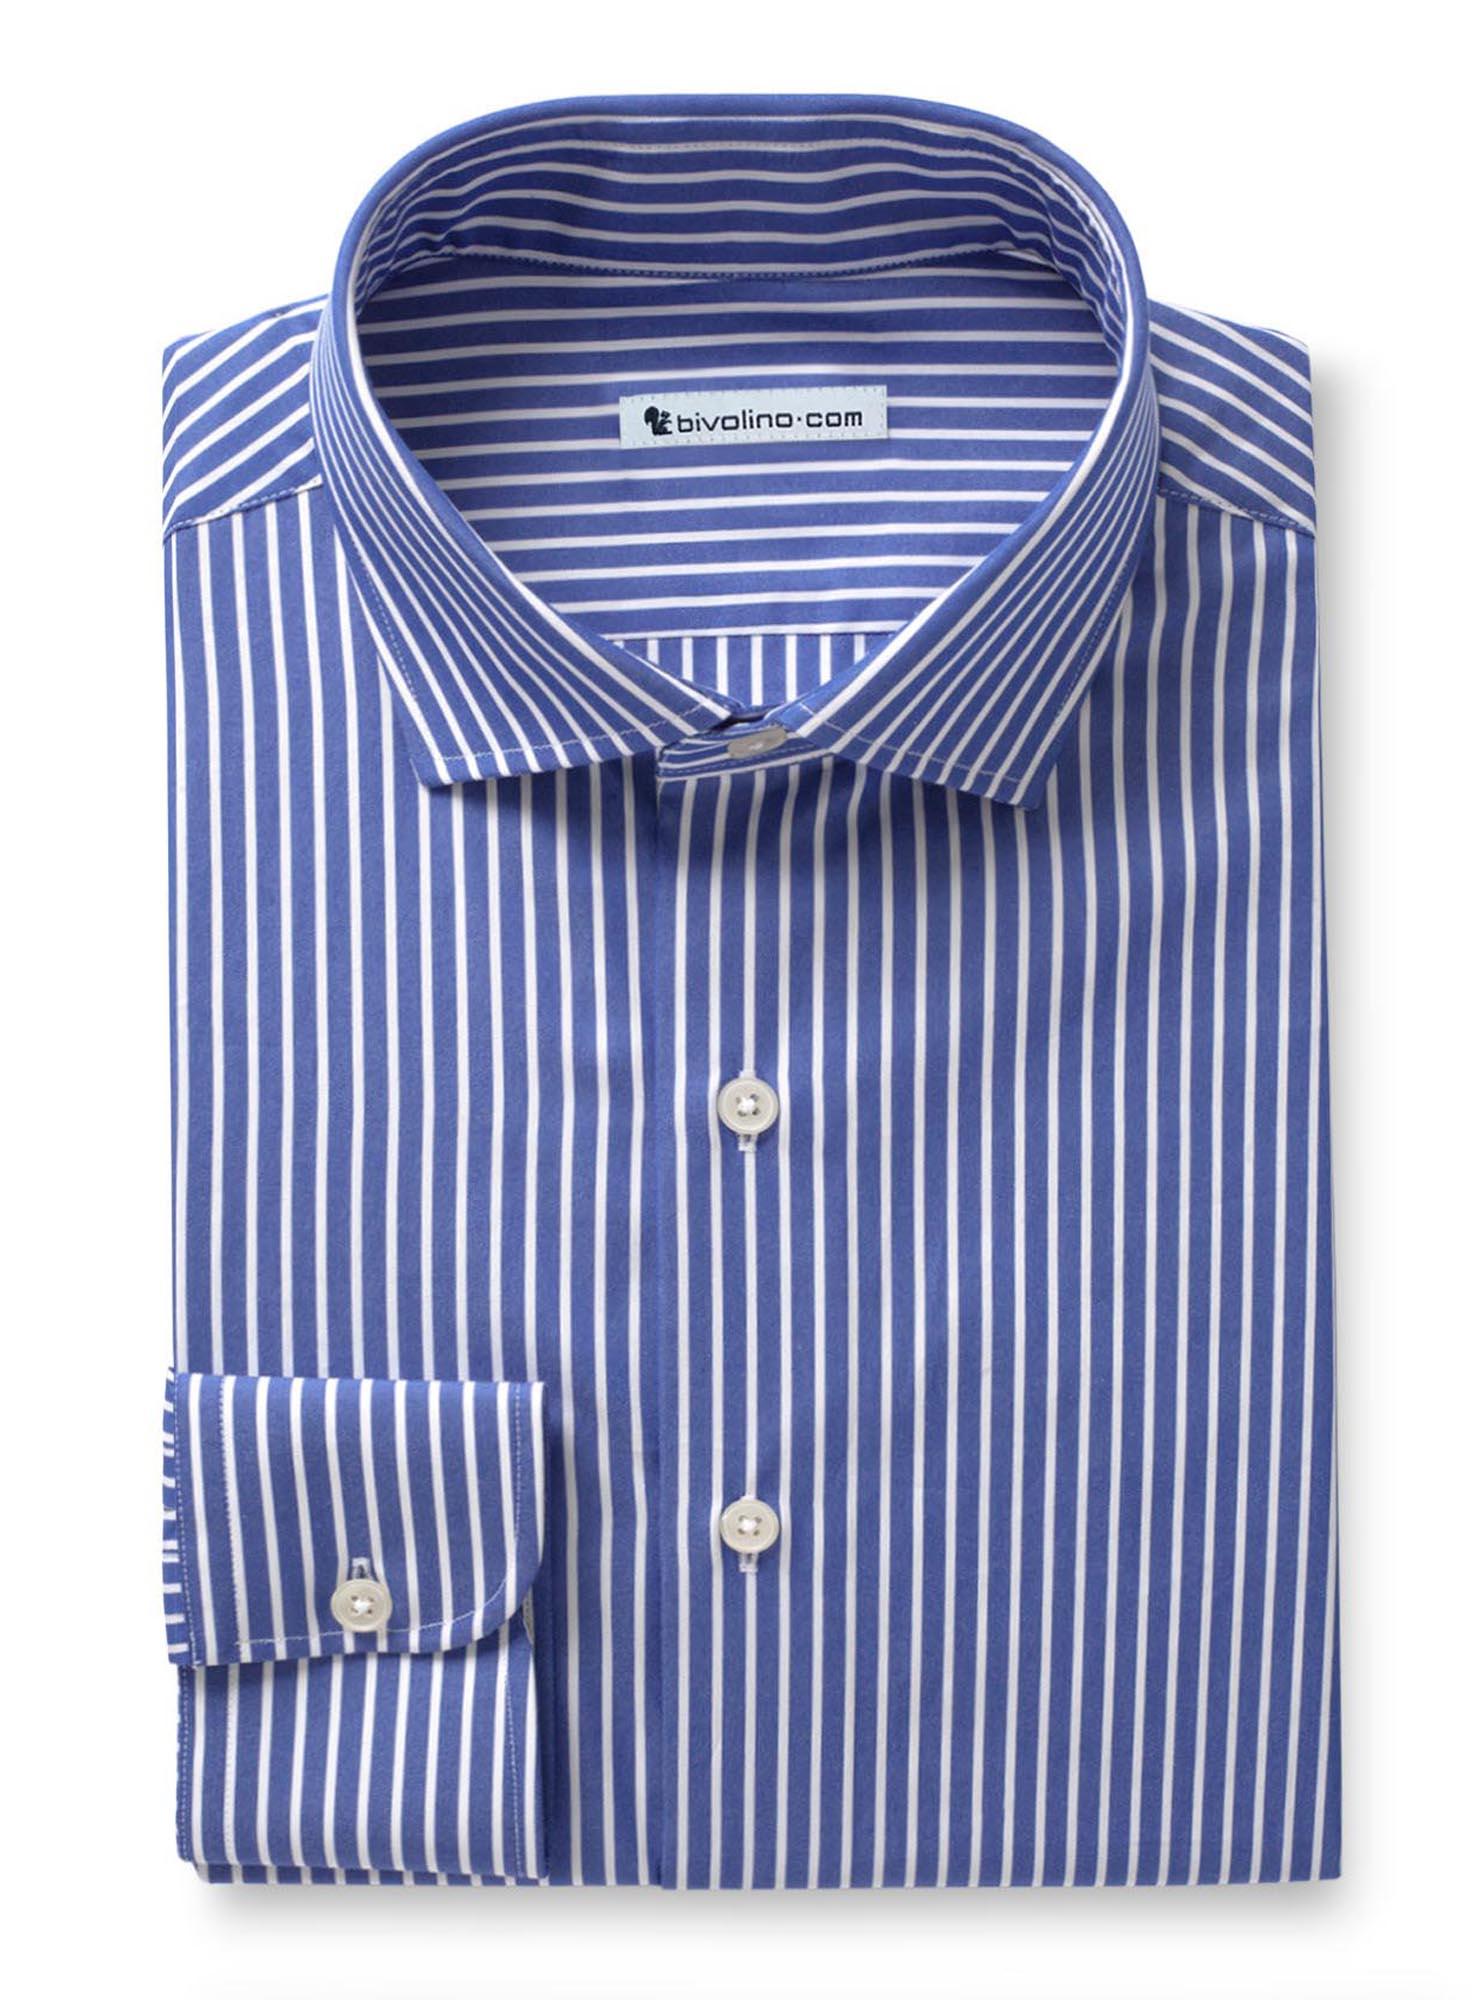 IMPERIA - Popelín de rayas azul royal camisa de hombre - TUFO 1